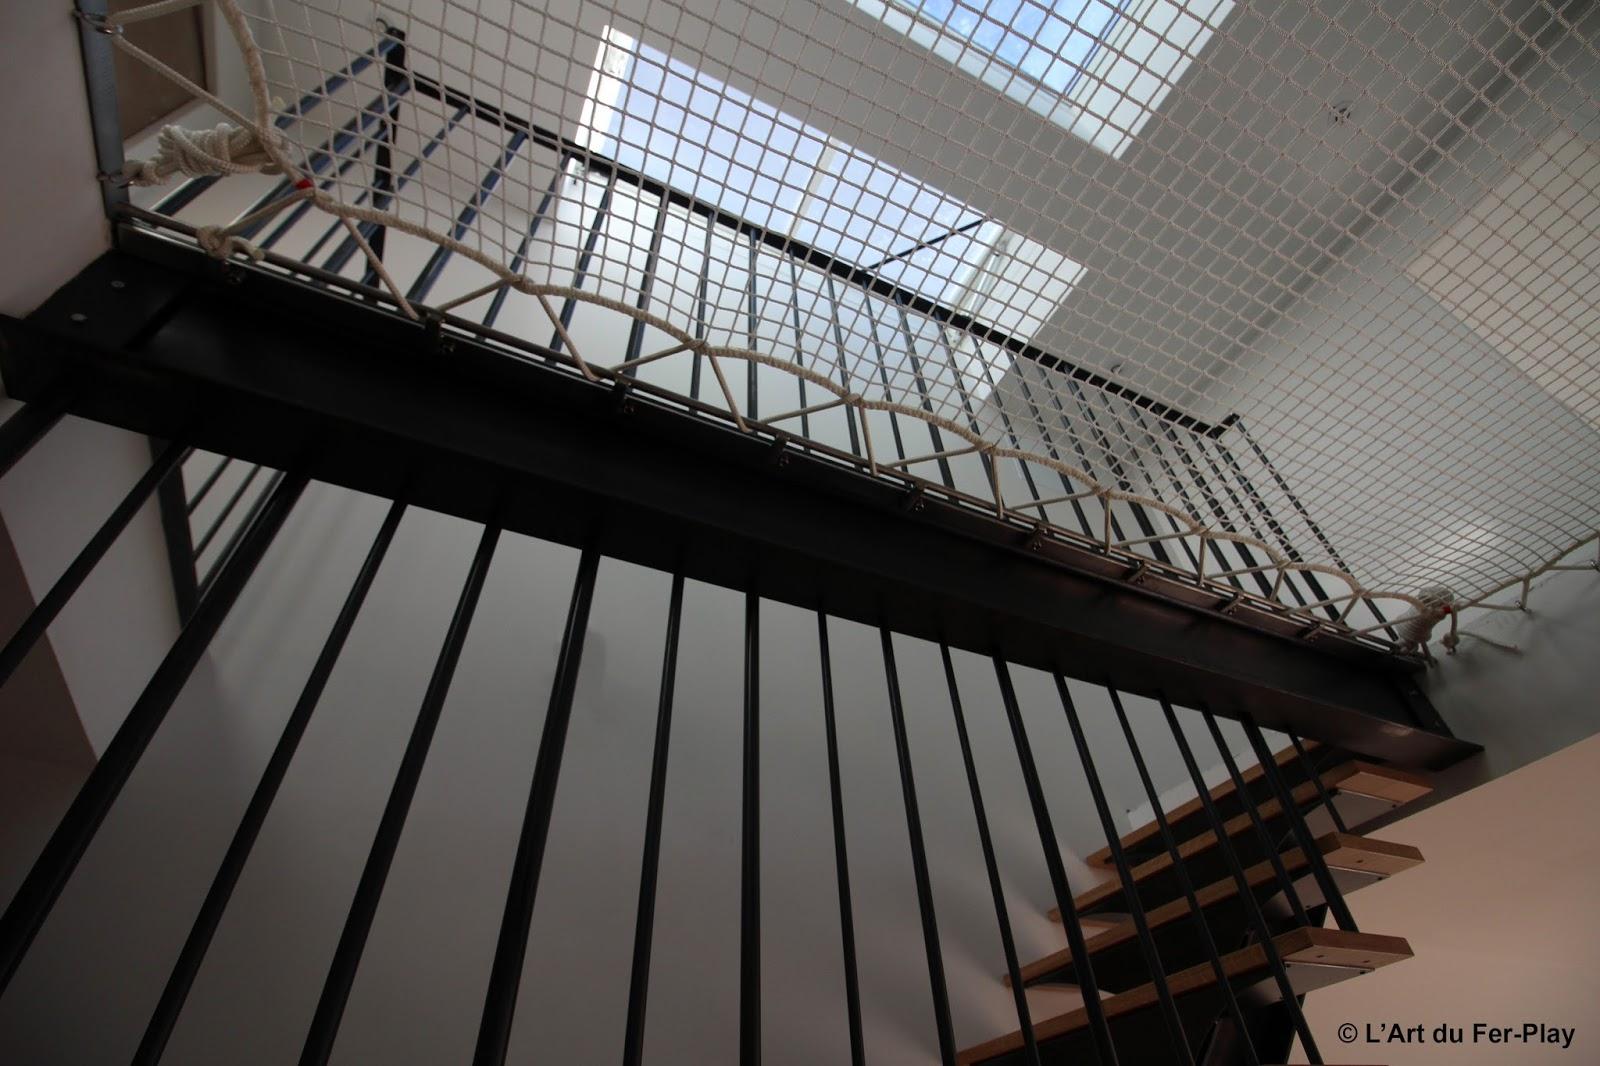 filet escalier filet de securite escalier garde corps cables et filet partie basse barriere de. Black Bedroom Furniture Sets. Home Design Ideas